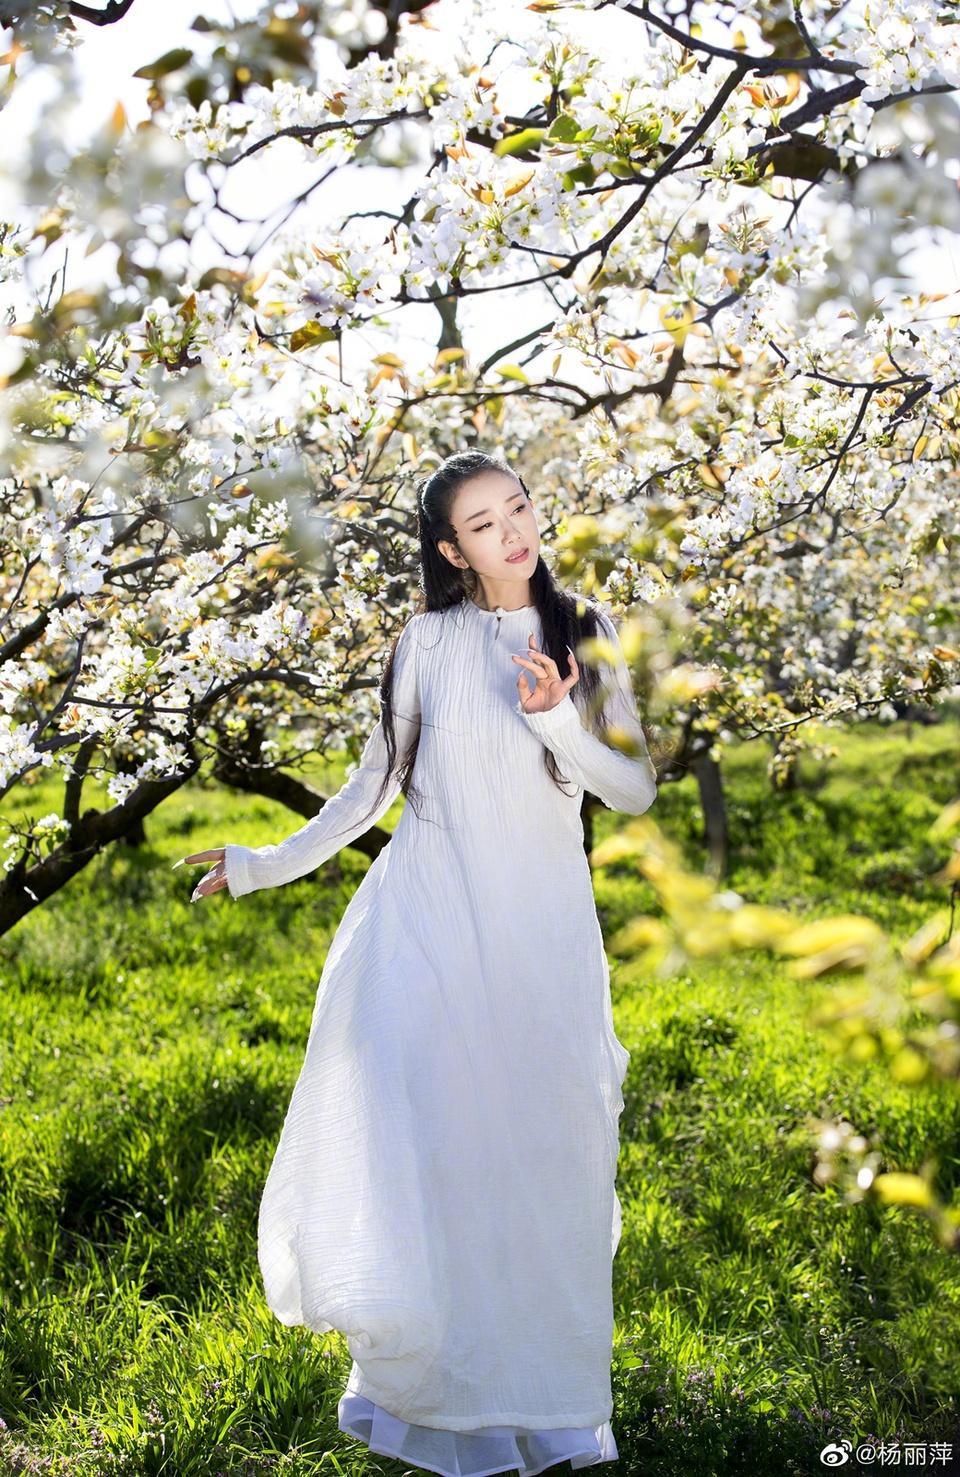 'Mai Siêu Phong' kinh điển không ăn cơm suốt 20 năm, trẻ đẹp khó tin ở tuổi ngoài 60 - Ảnh 9.